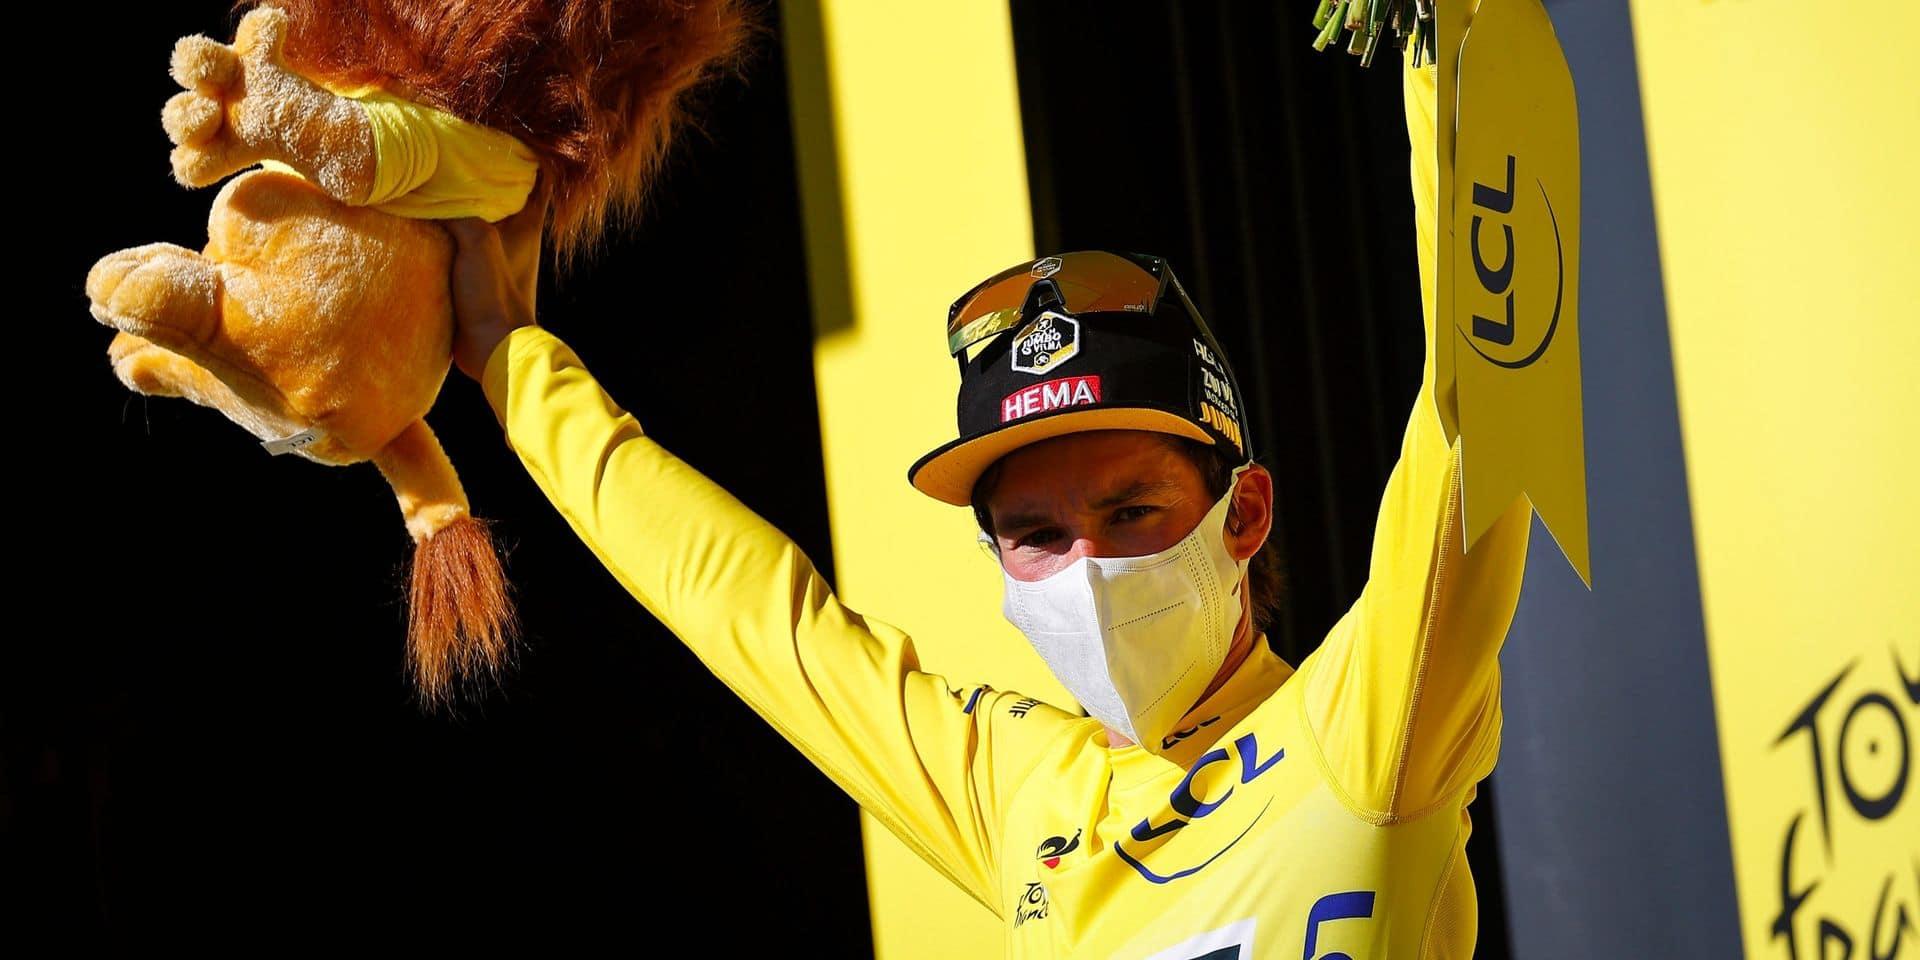 """Primoz Roglic toujours en jaune: """"Il y aura certainement une grosse bagarre demain"""""""